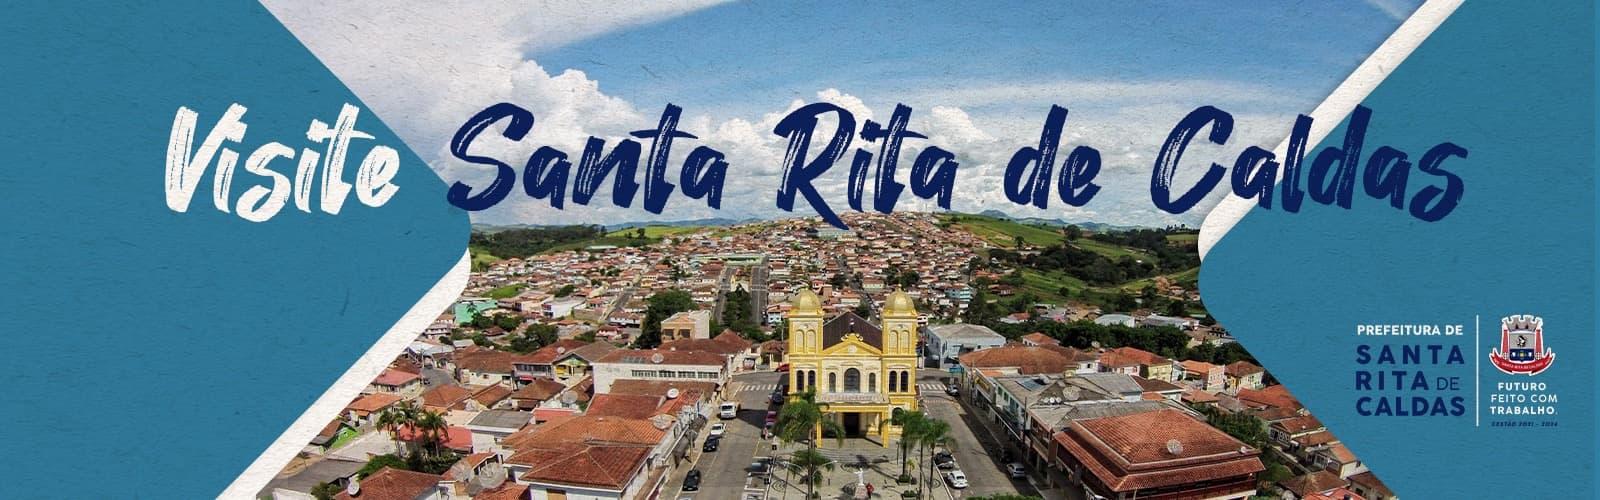 Banner visite Santa Rita de Caldas